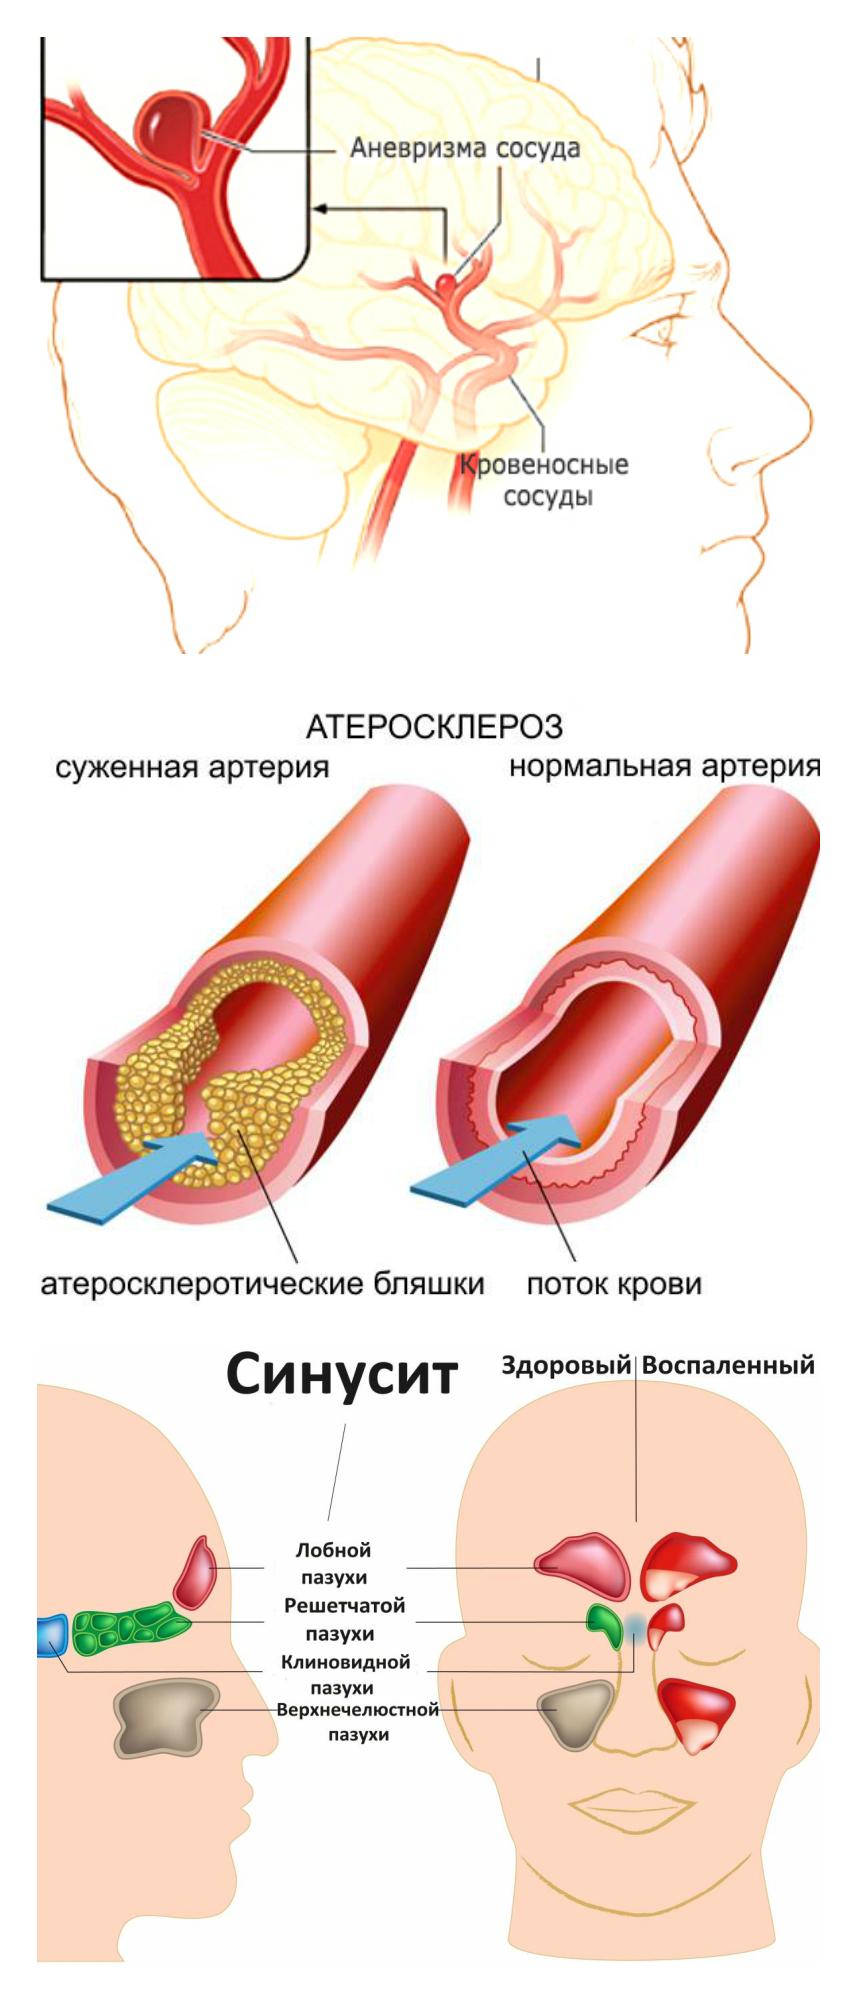 аневризма, атеросклероз, синусит